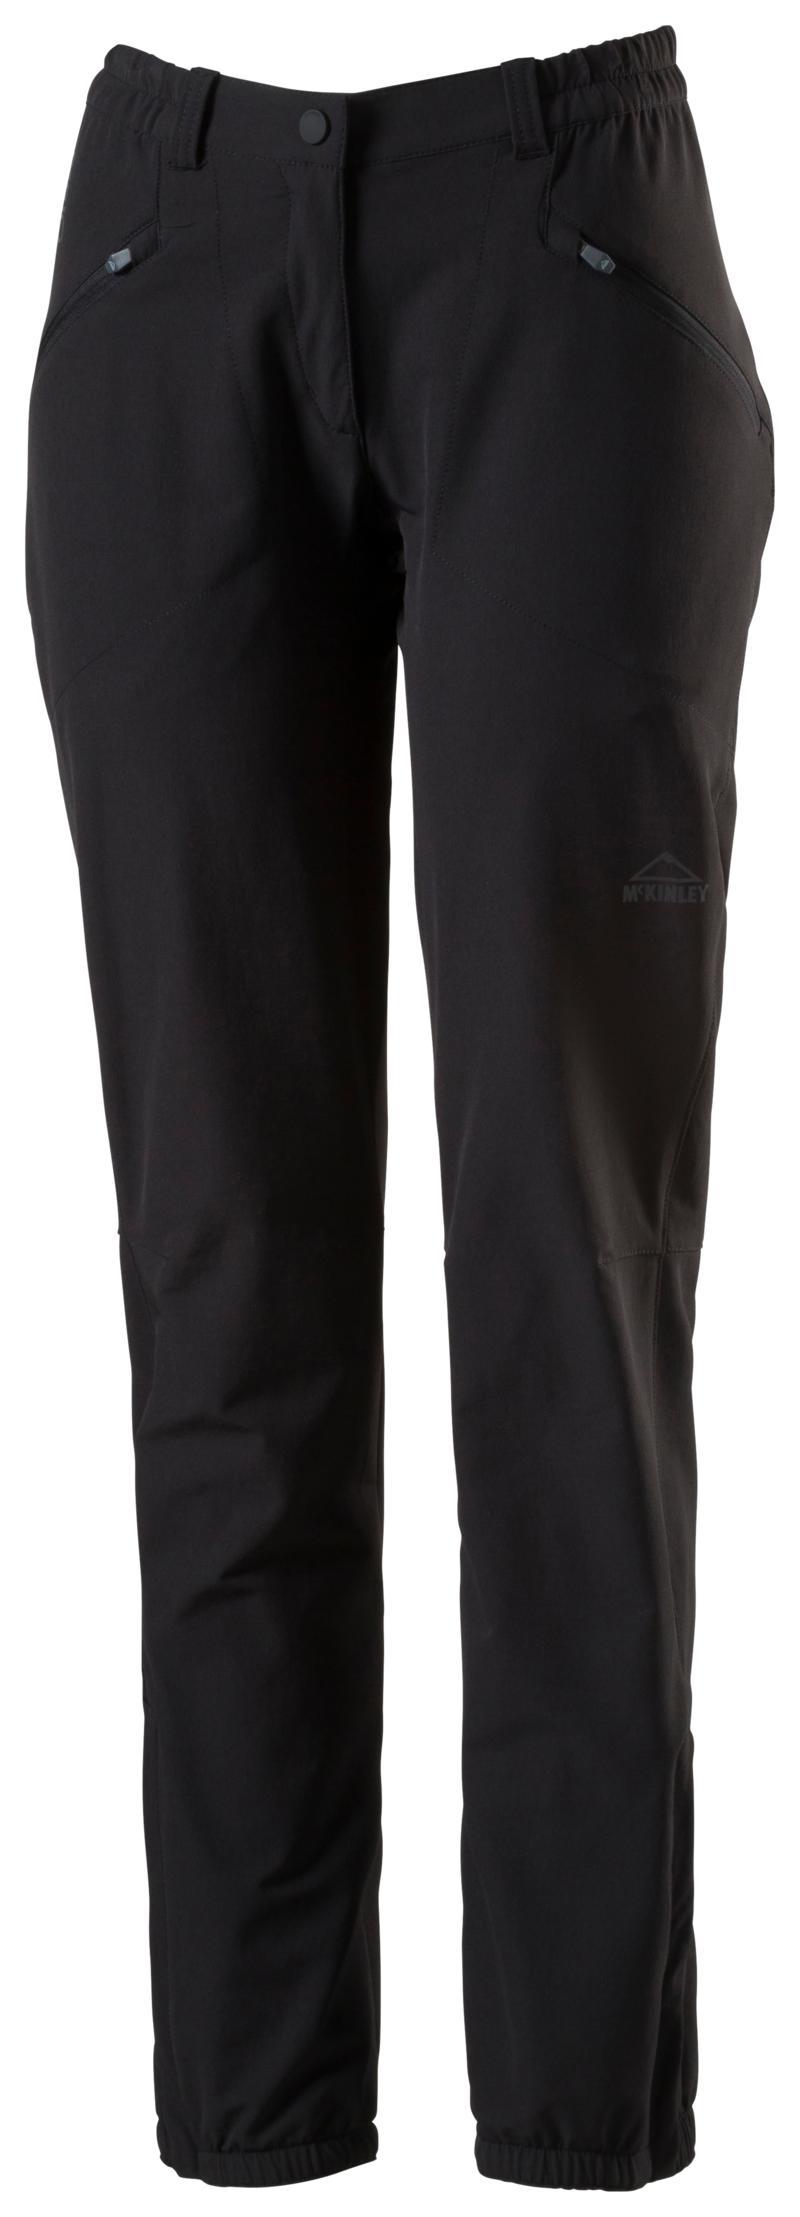 McKinley BEIRA III WMS, ženske planinarske hlače, crna